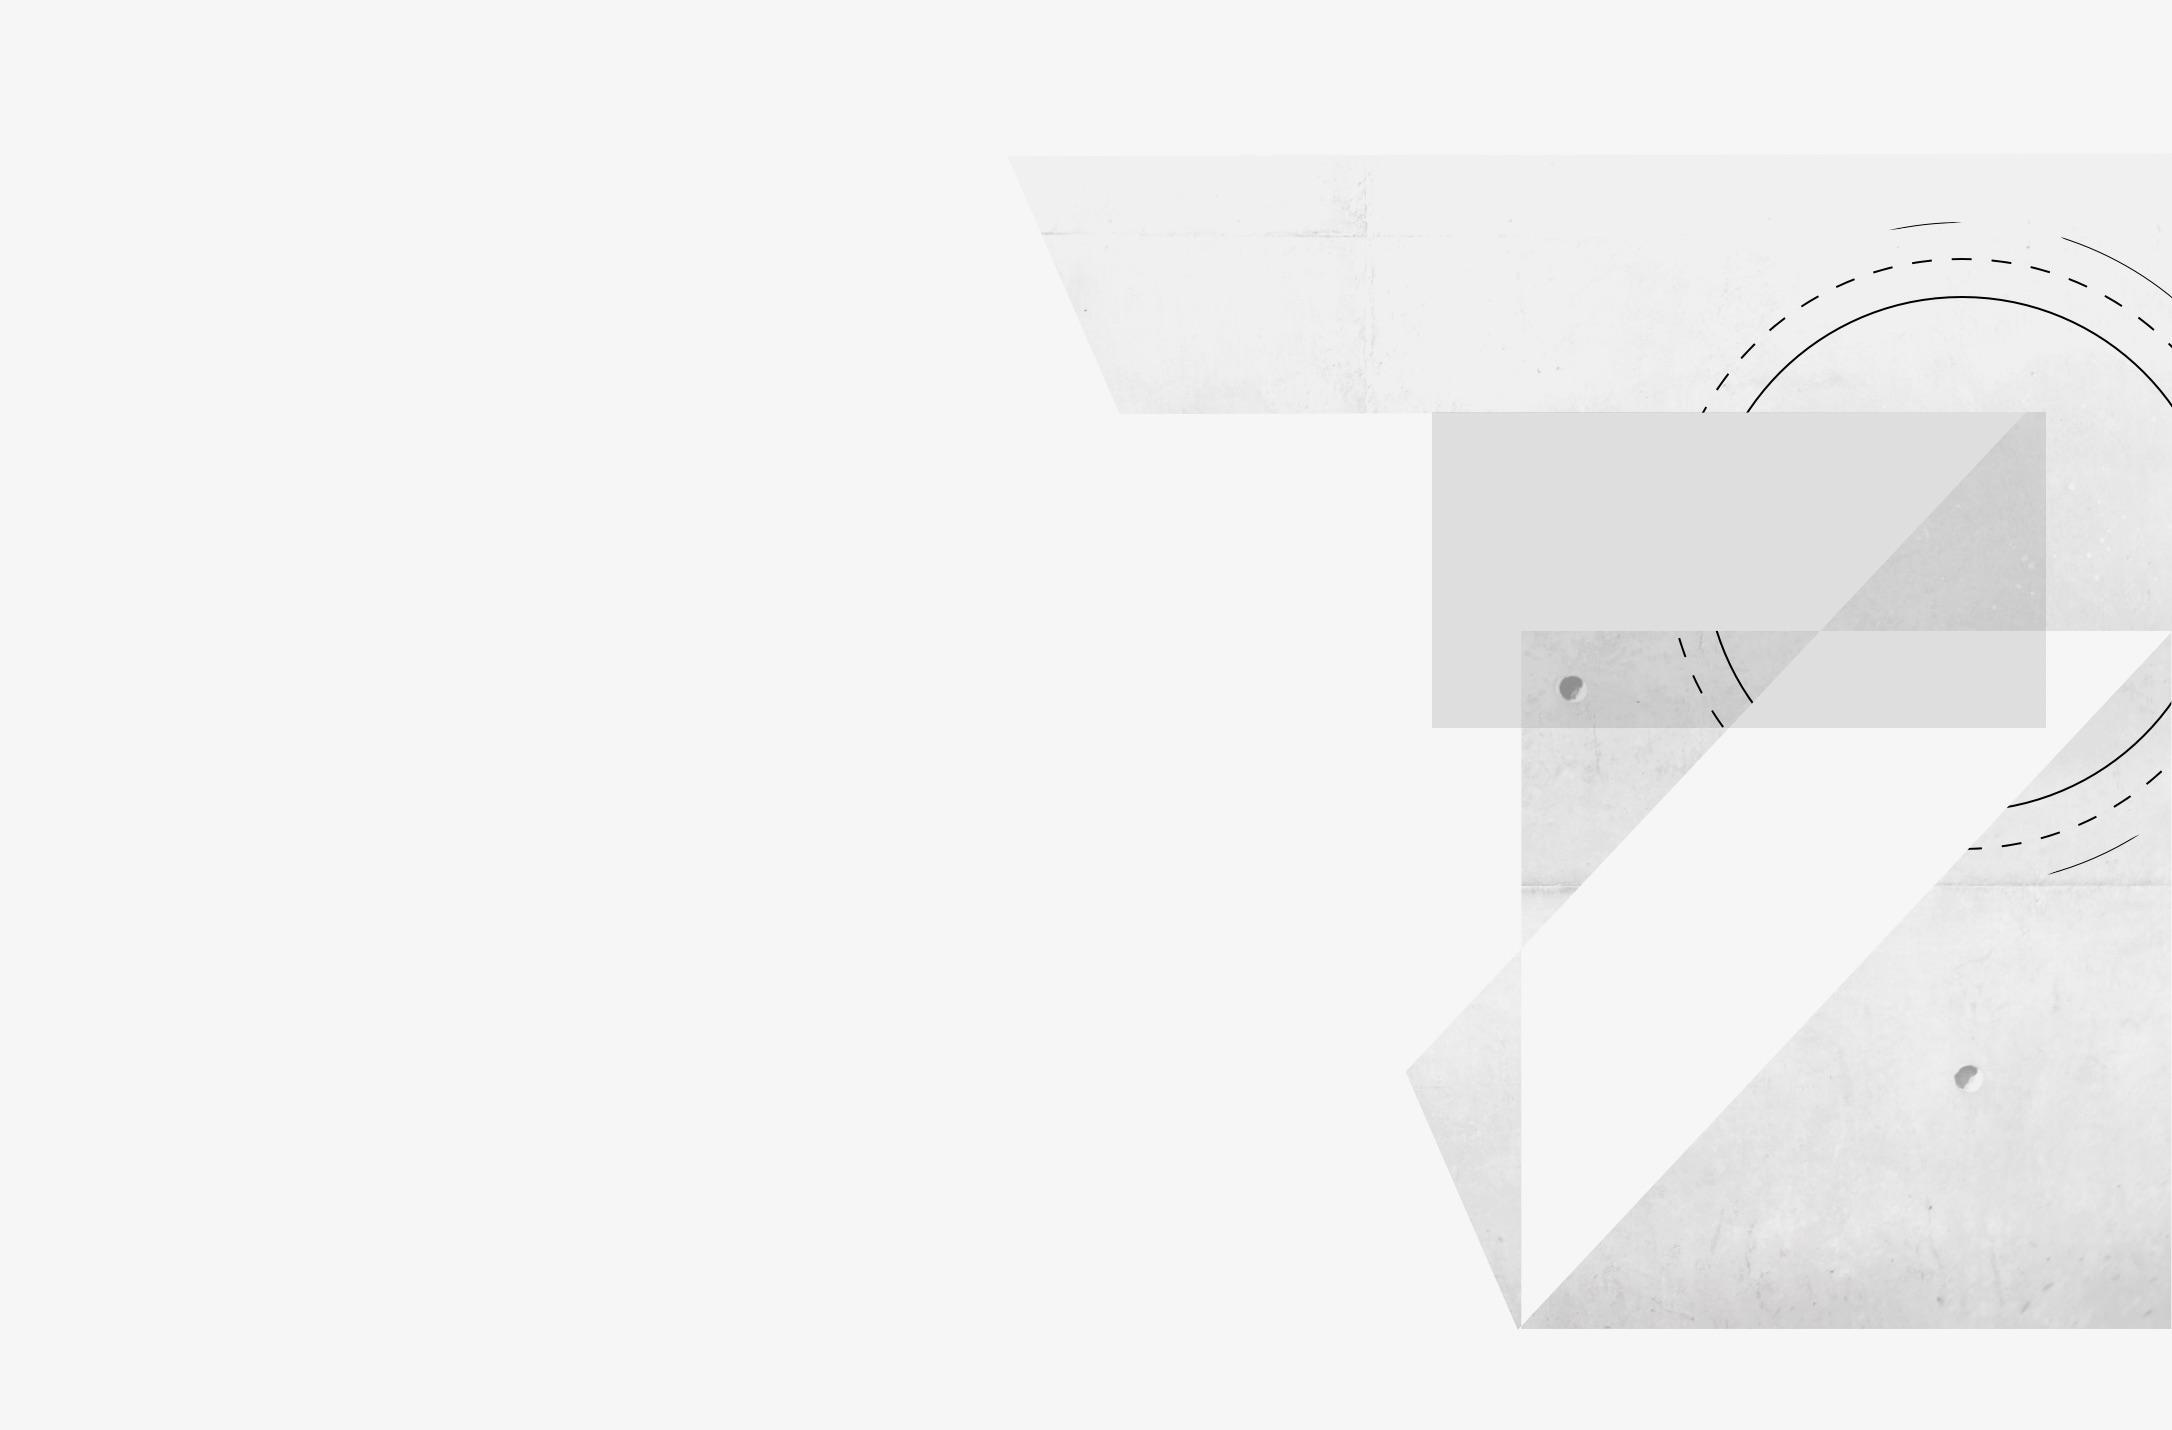 Zasta - Background Mood Image